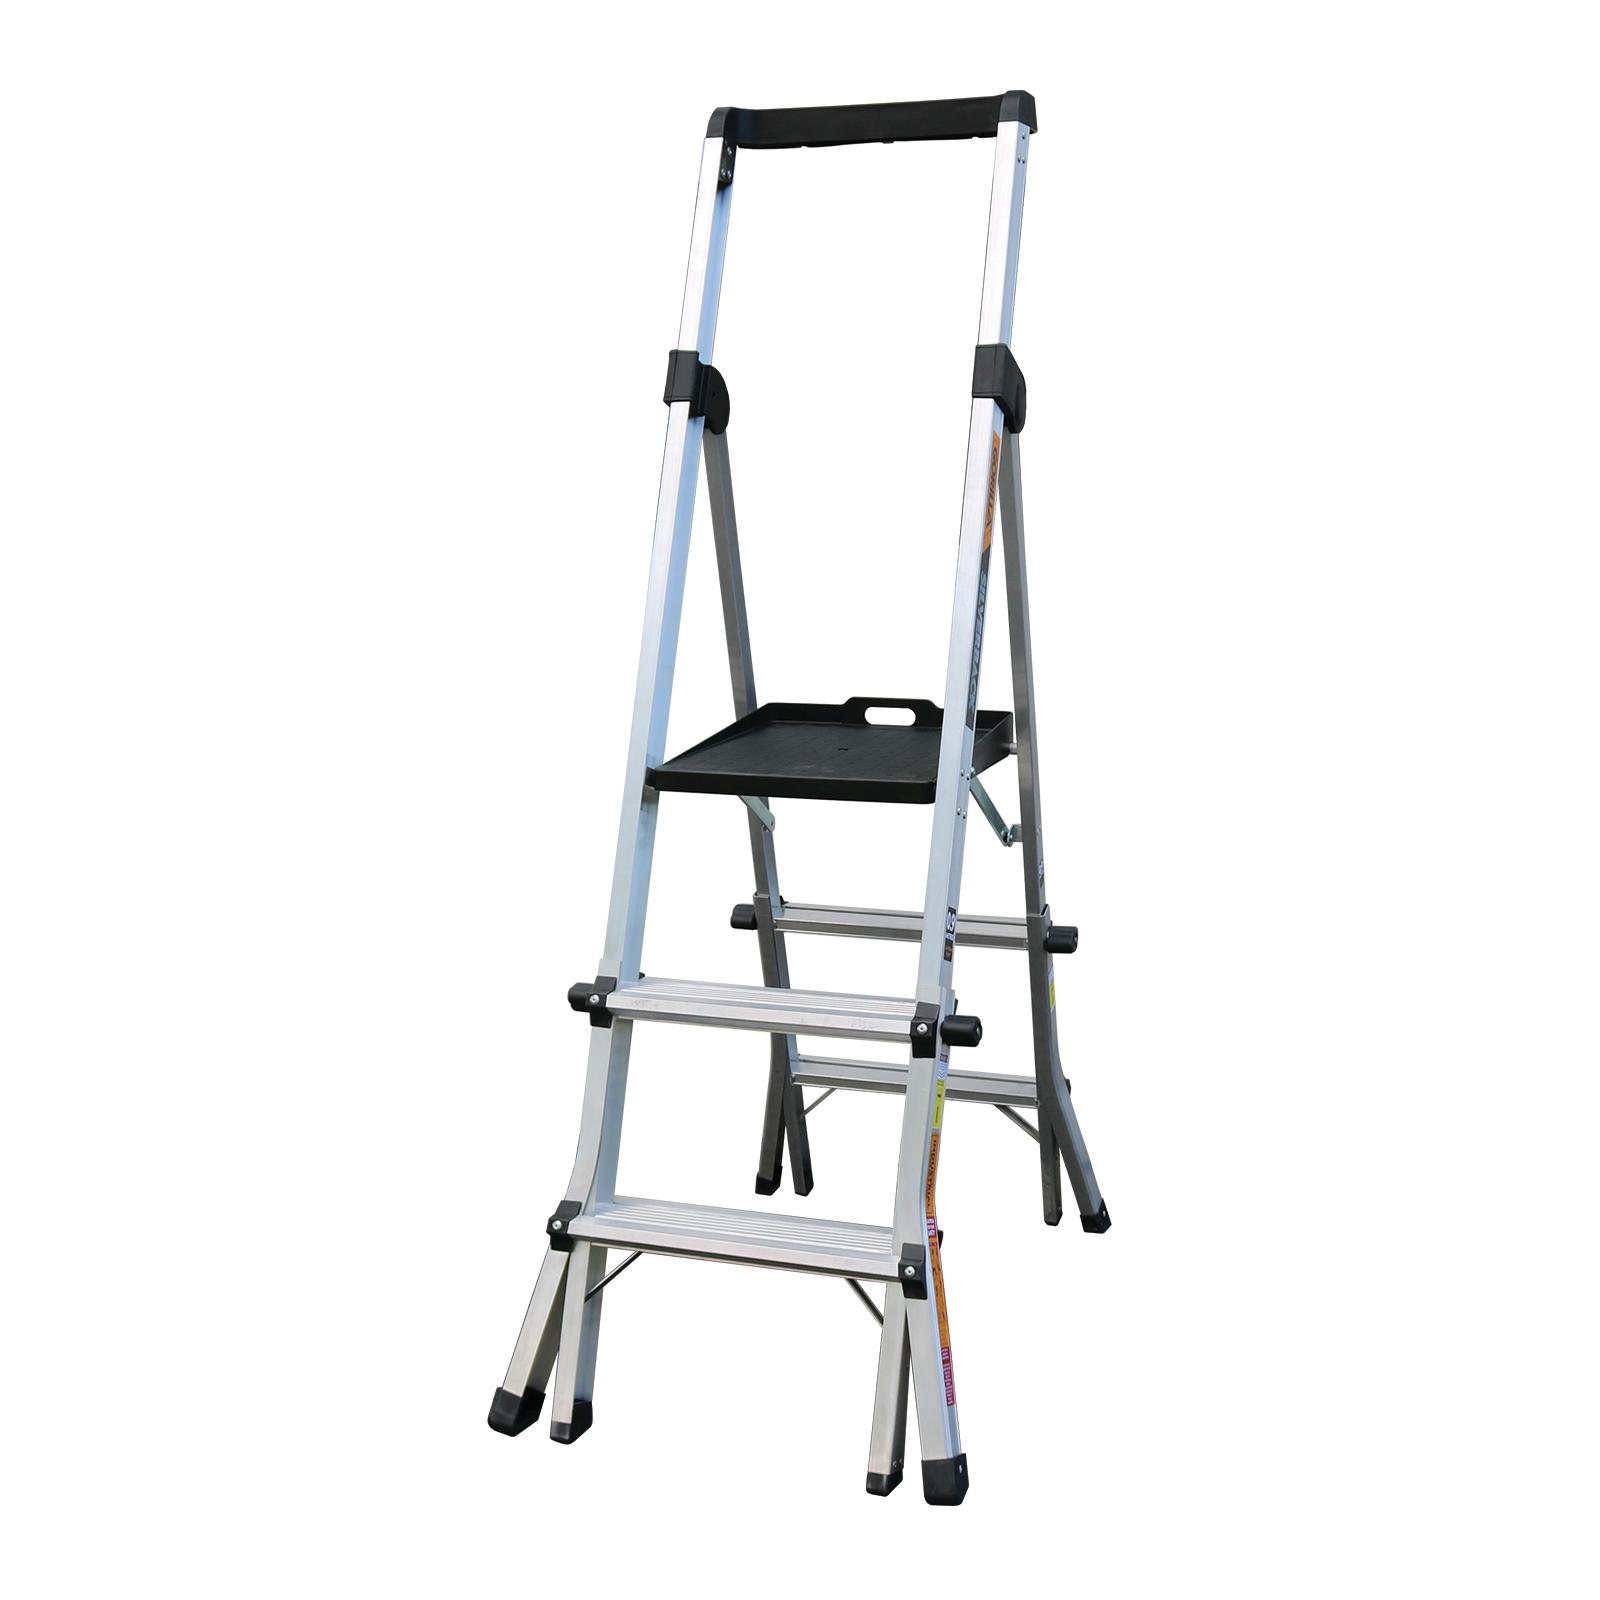 Gorilla 150kg Silverback 3-4 Step Adjustable Platform Ladder